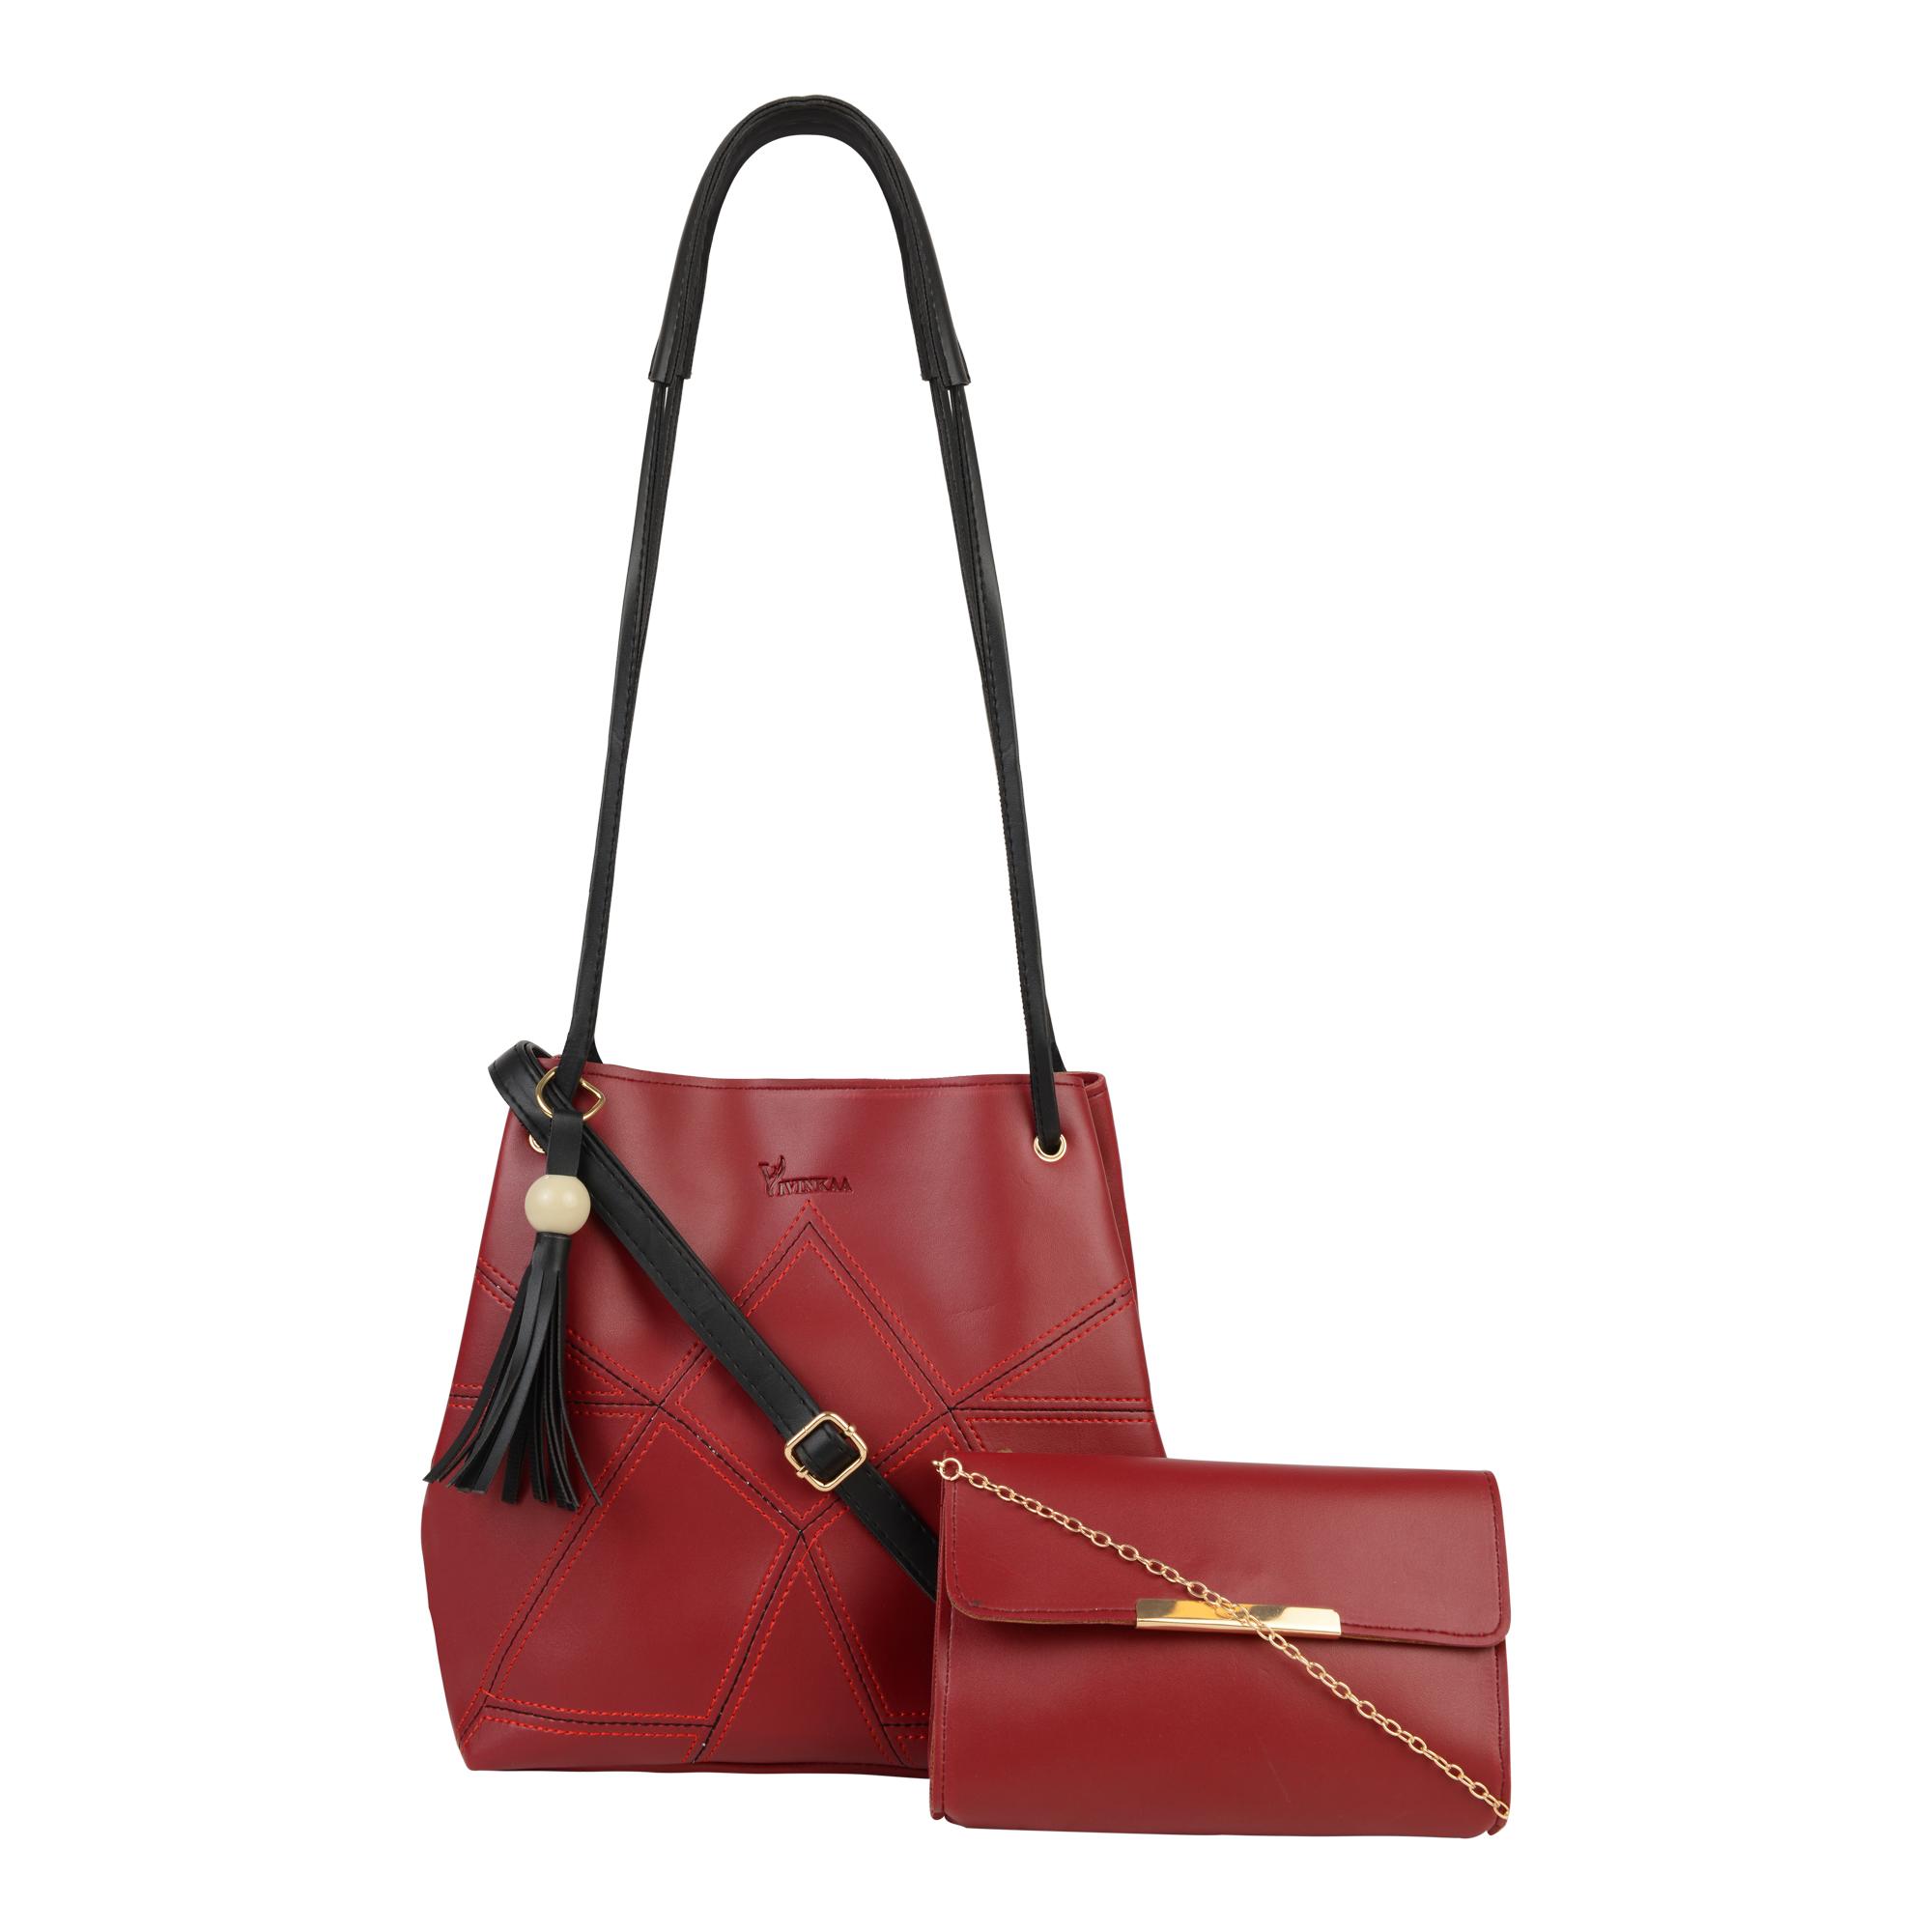 Vivinkaa   Vivinkaa Leatherette Set of 2 Embroidered Wine Sling Bag